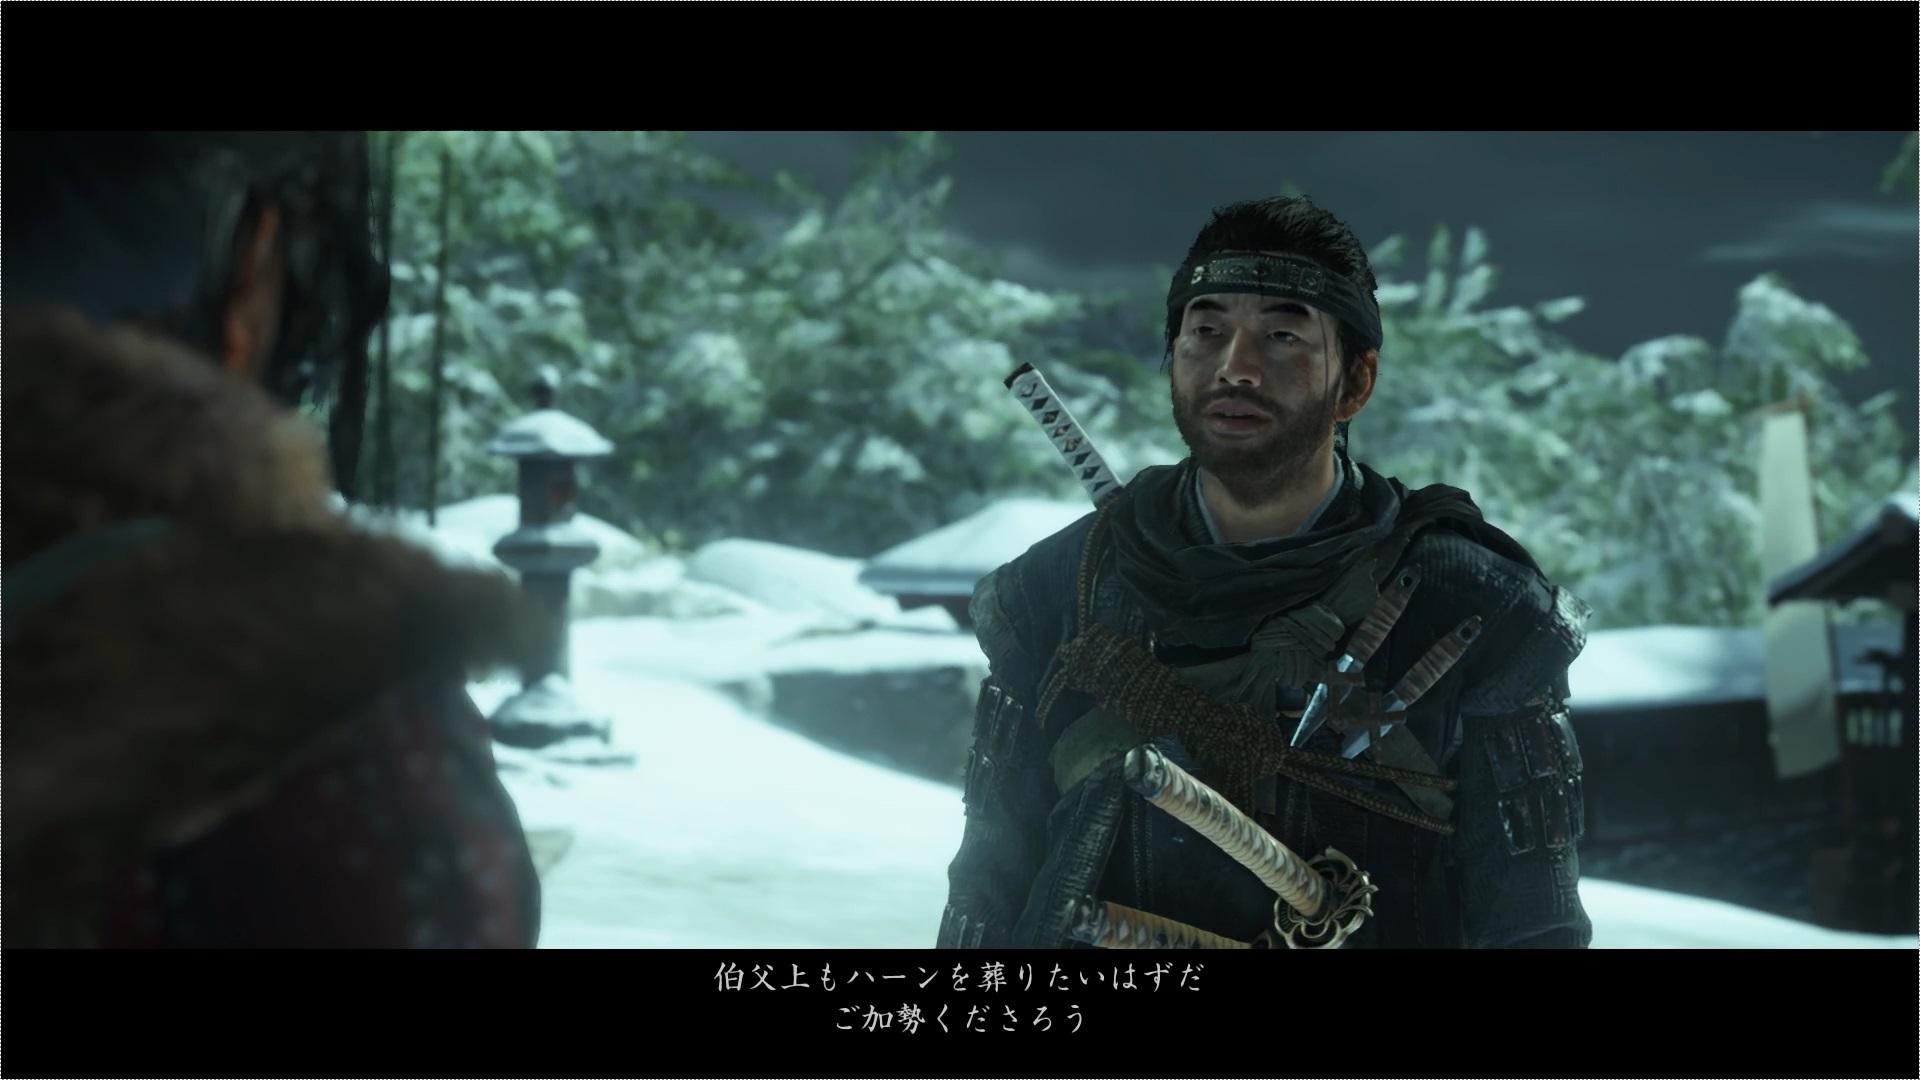 作戦は決まったが、いまだ兵力に差があり、仁は志村殿に加勢をお願いすることにした。罪人となった仁は直接会うことはできないため、志村城に文を届けることにした。